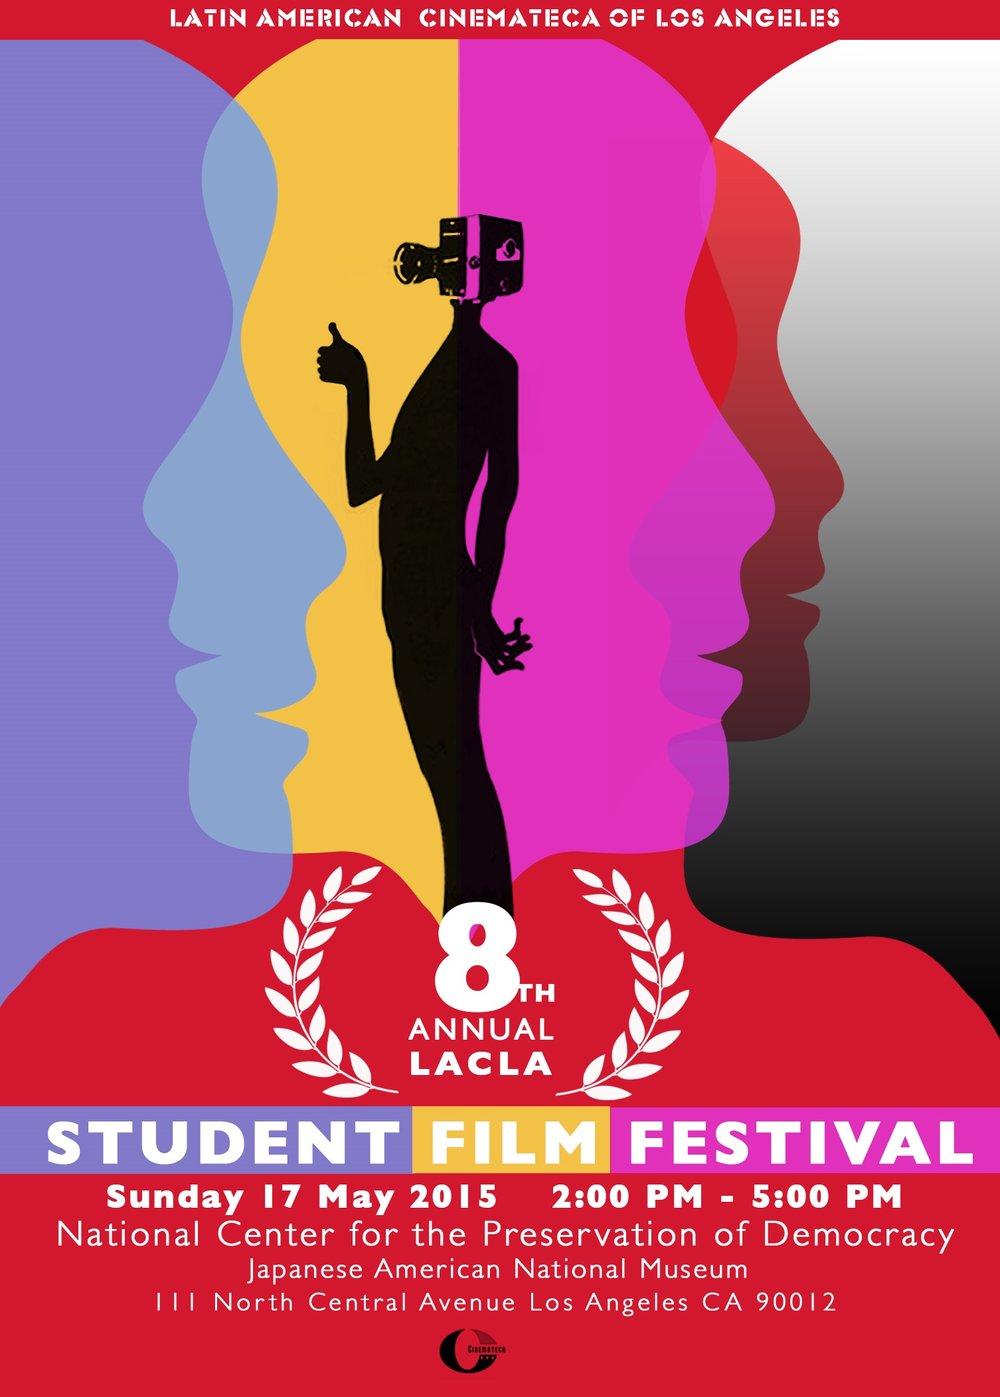 LACLA_Student_Film_Festival_Poster.jpg